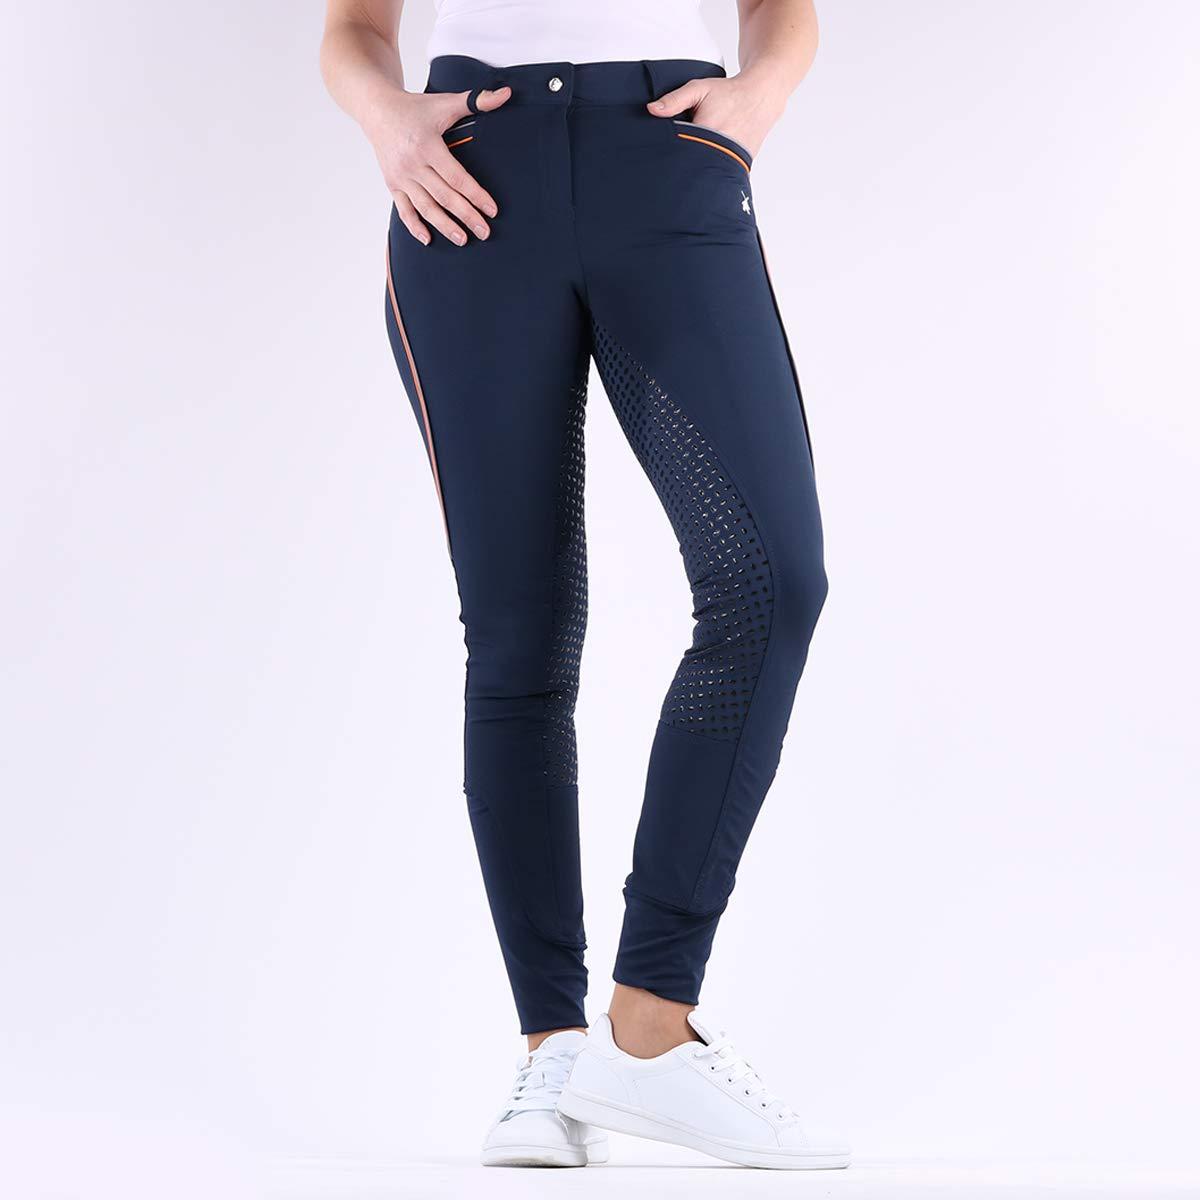 jollify pursa clair Hipster Sac de gym en coton Sac à dos Couleur Noir